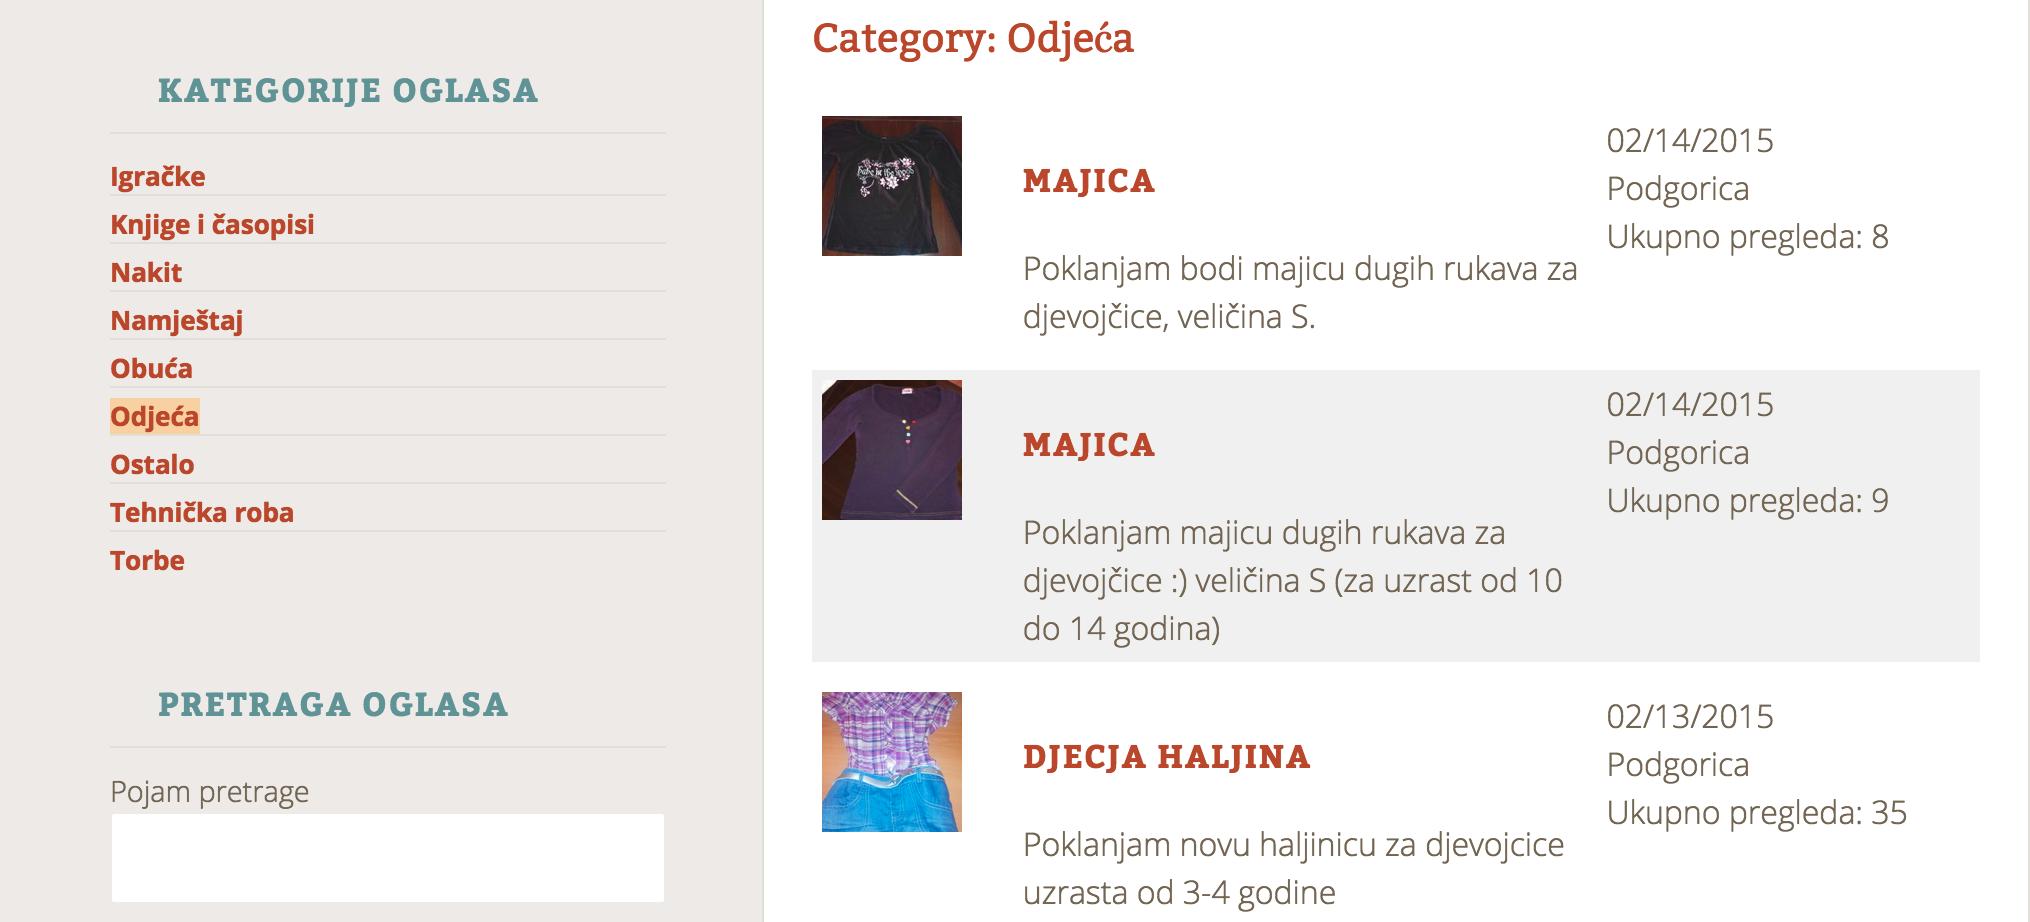 Kategorija - odjeća